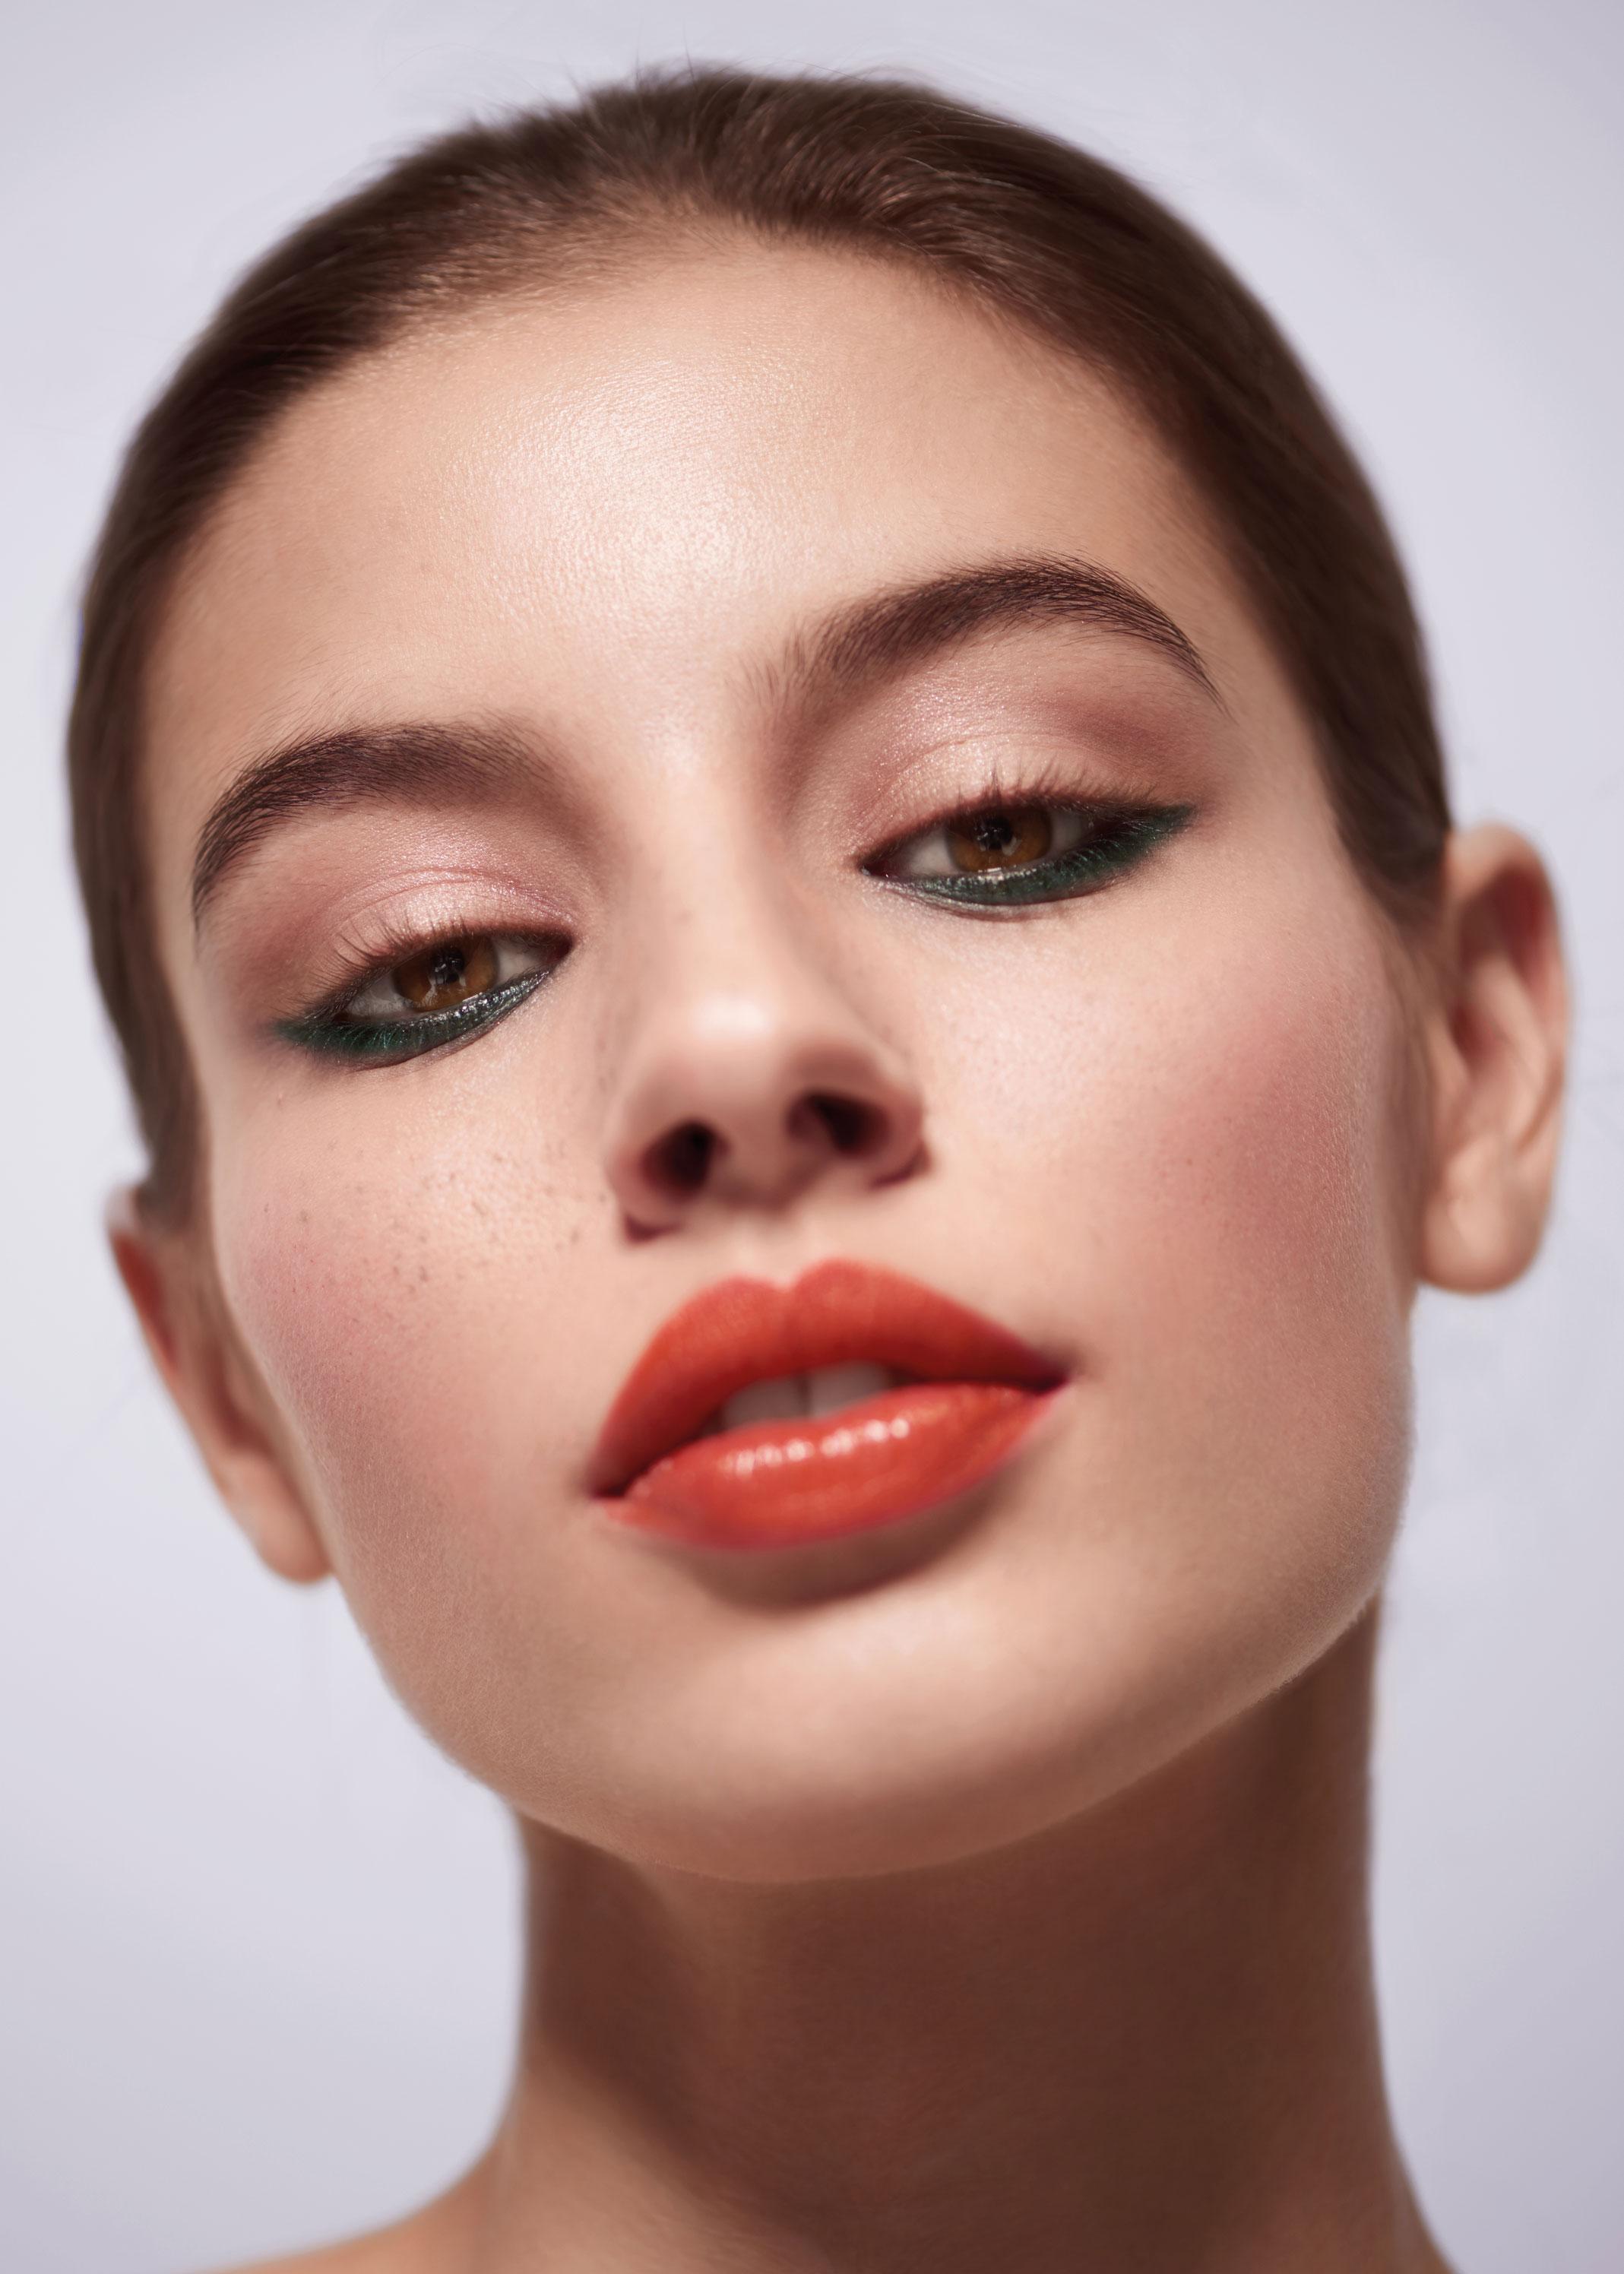 Beauty Shooting: El verano napolitano de Chanel - image 4 on https://www.vanidad.es